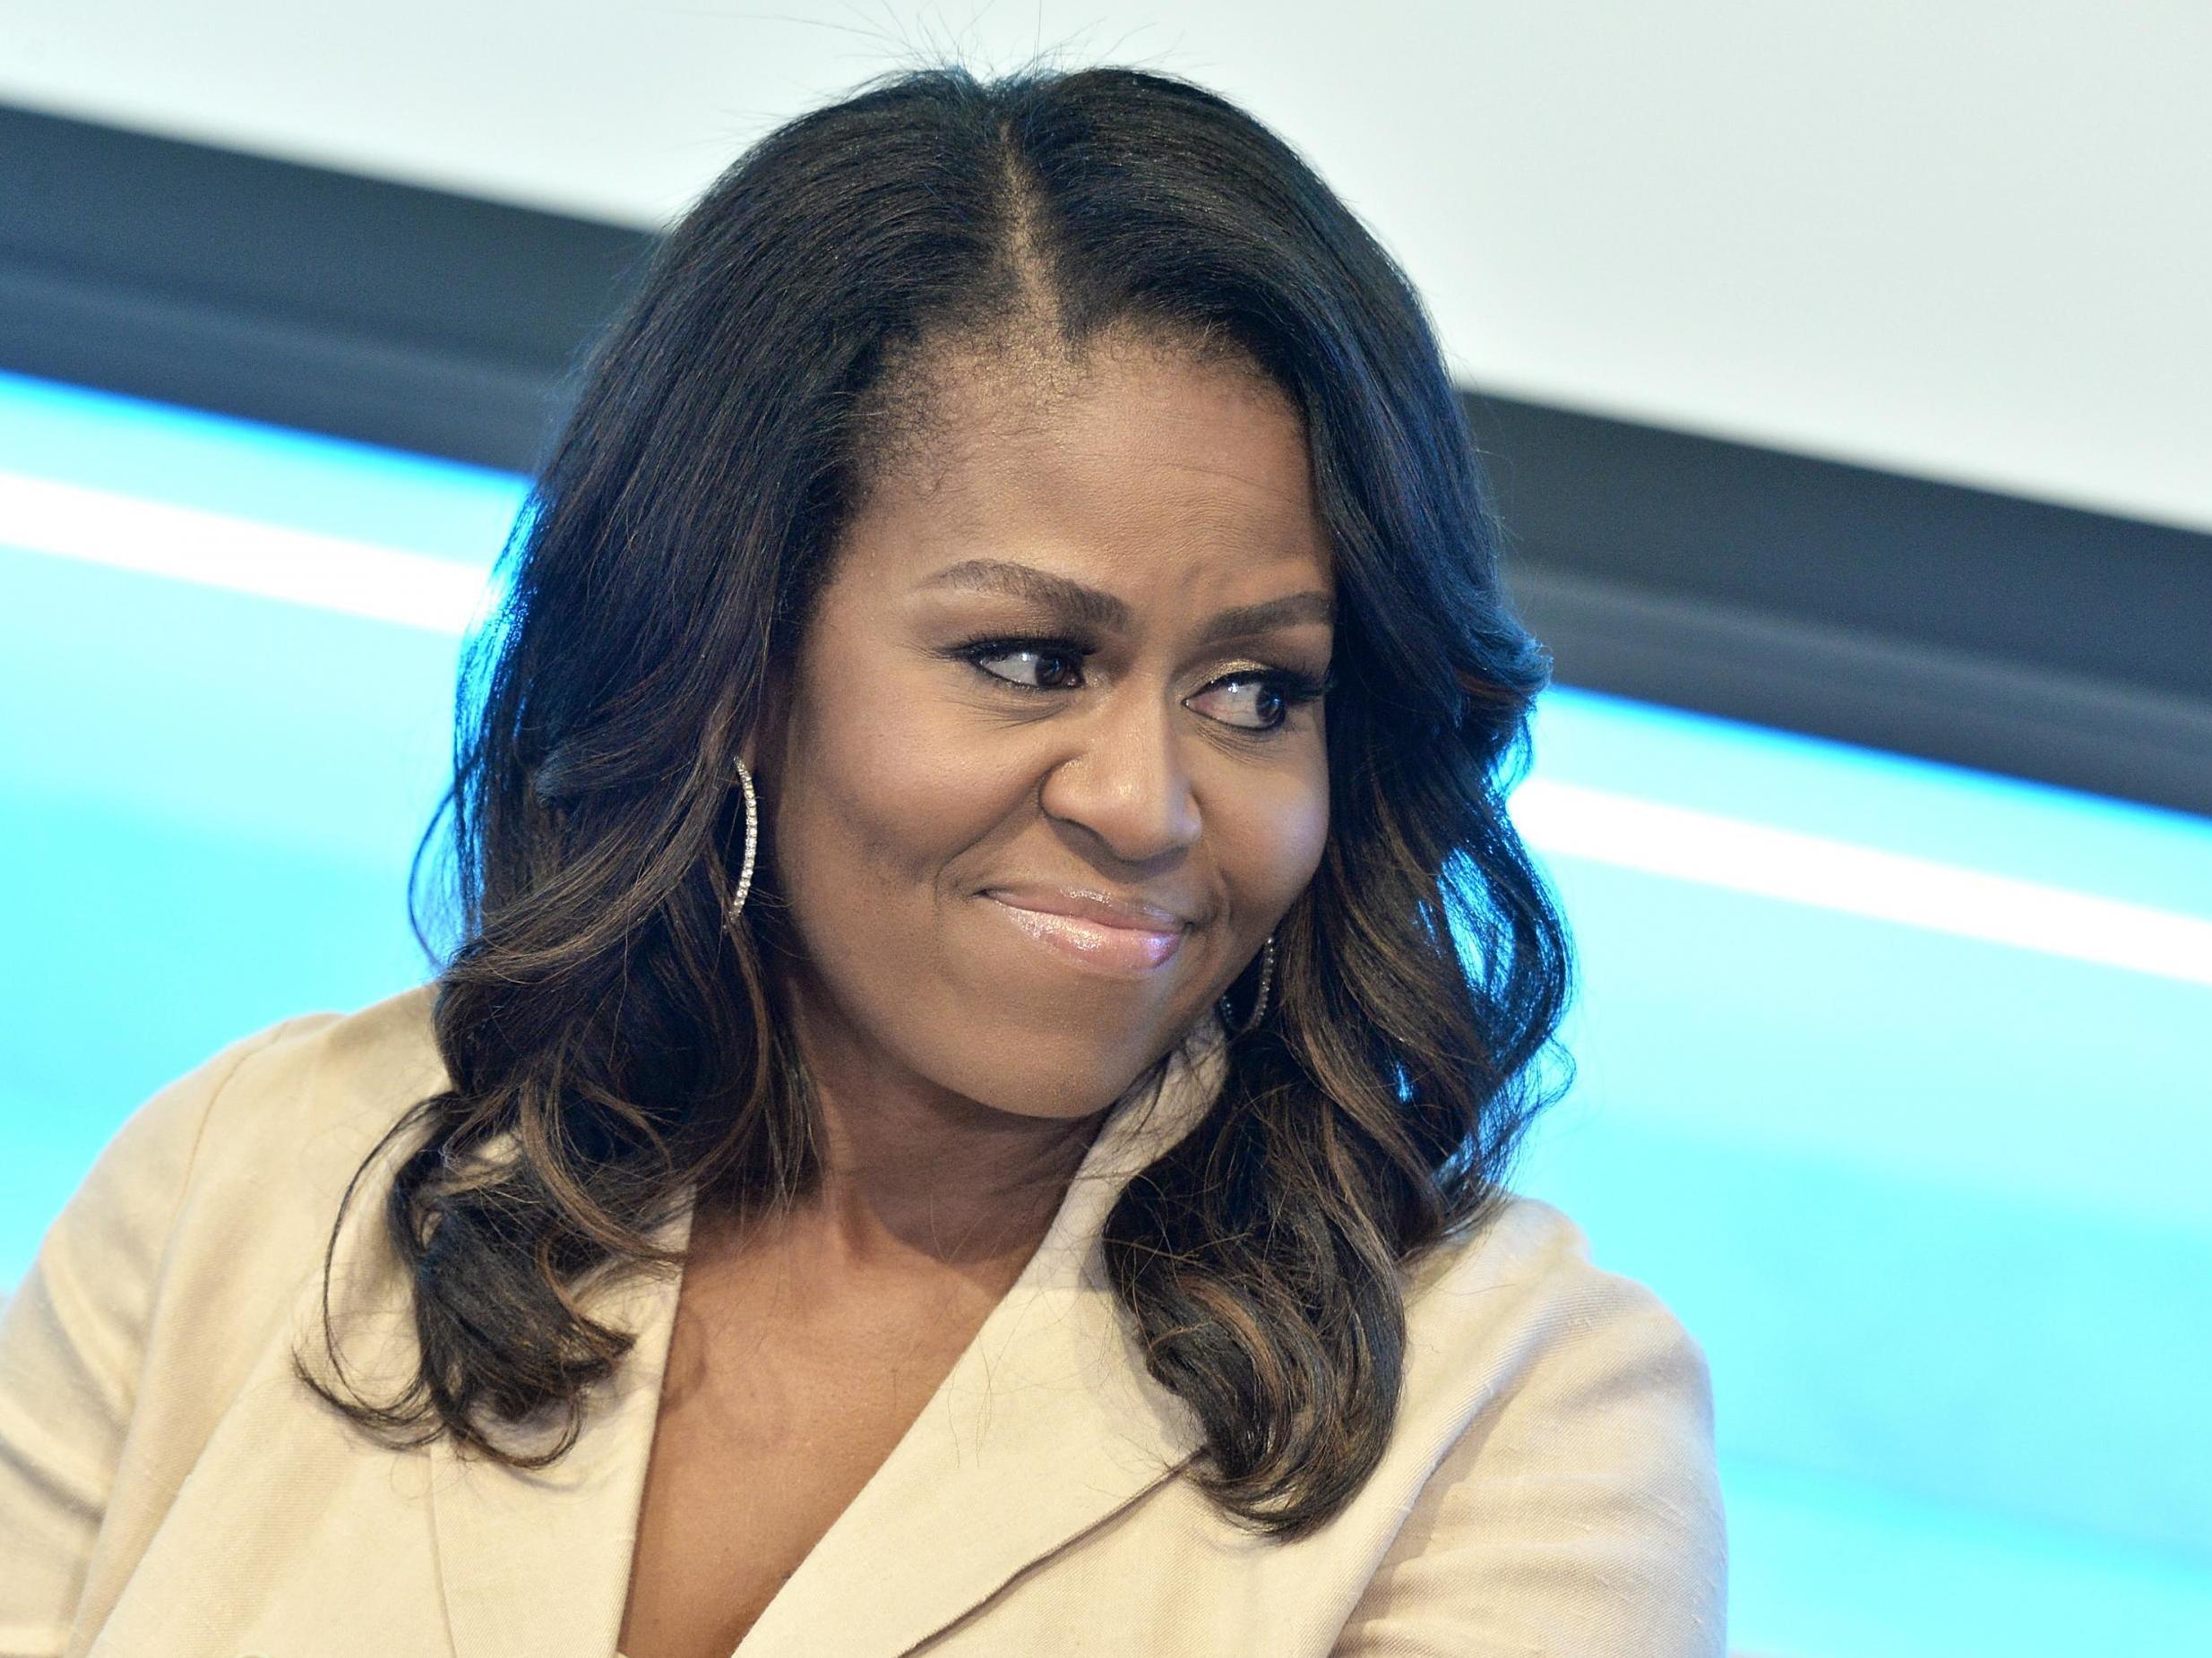 8. Michelle Obama